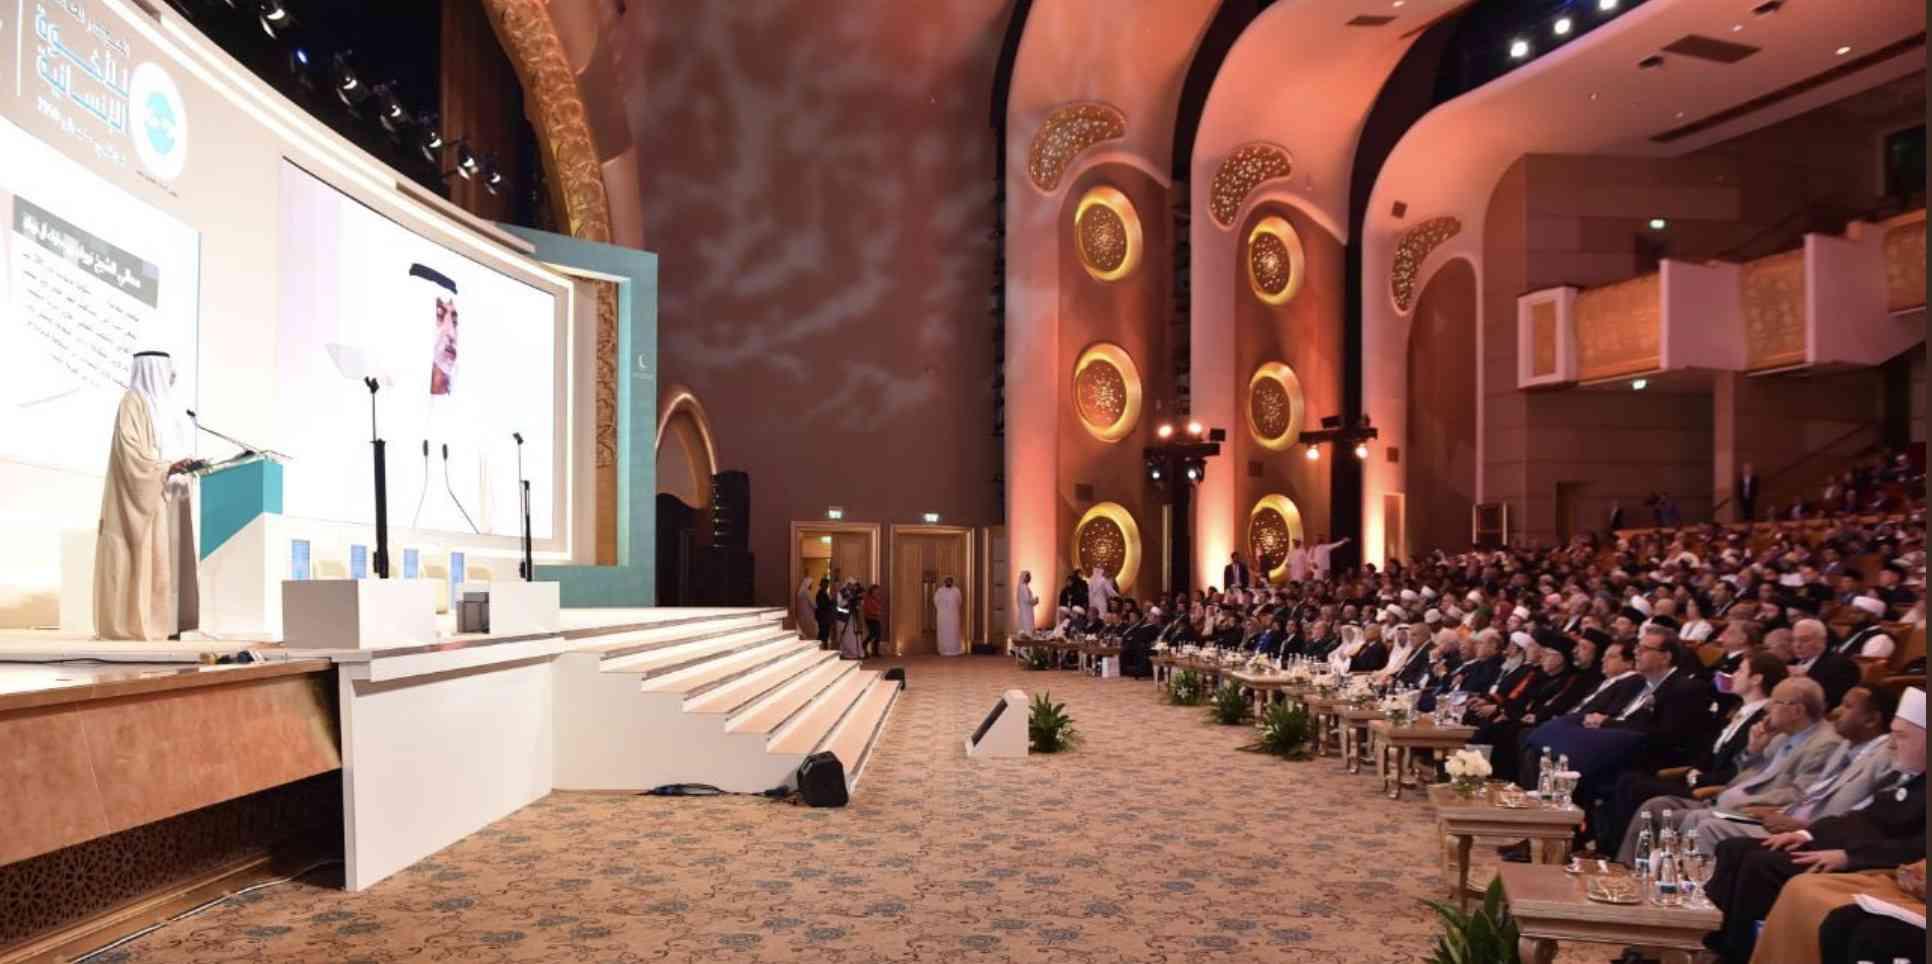 Convegno Internazionale sulla Fratellanza, 500 i leader religiosi riuniti ad Abu Dhabi